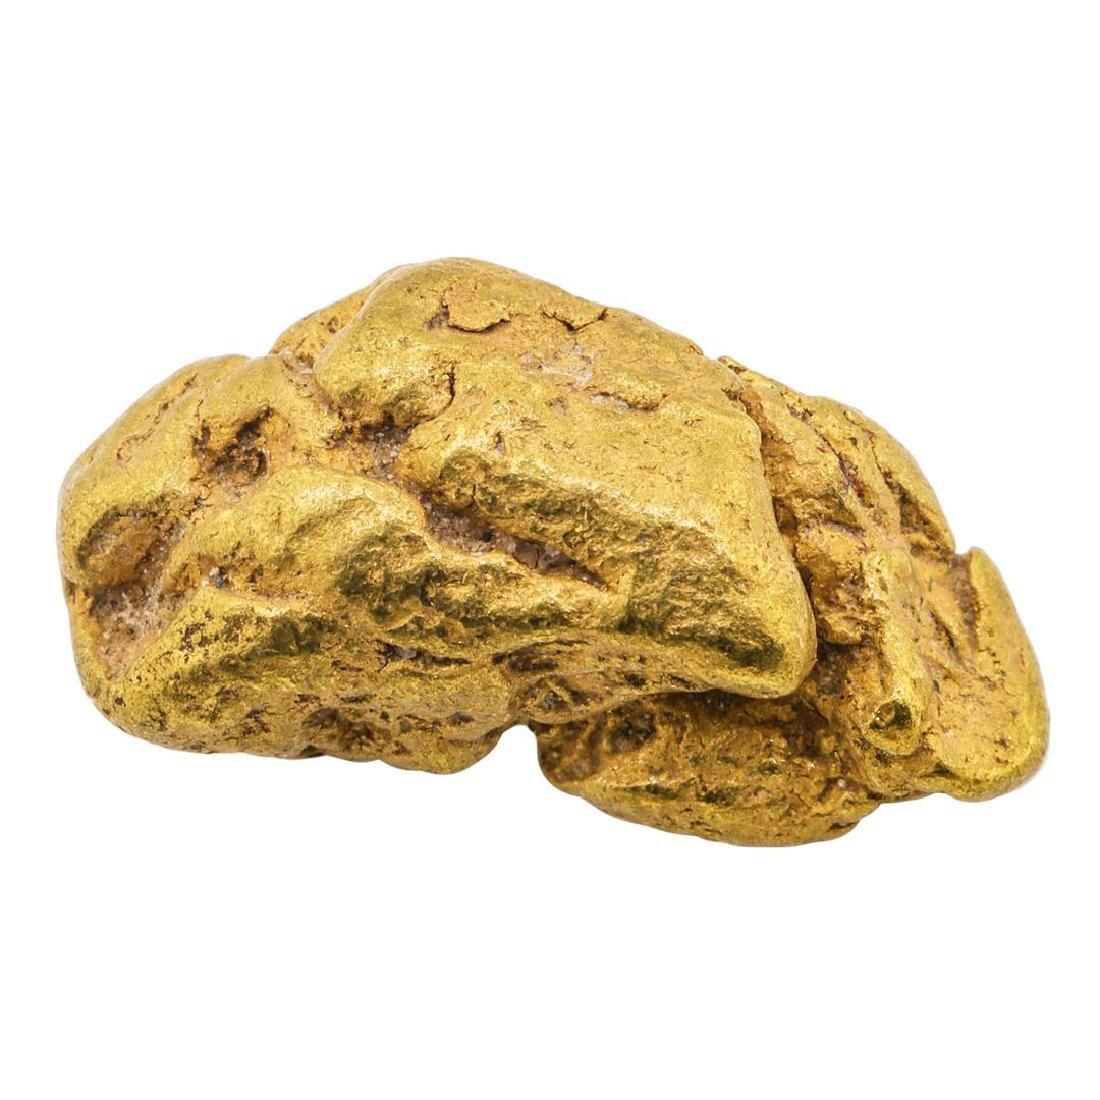 3.3 Gram Alaskan Gold Nugget